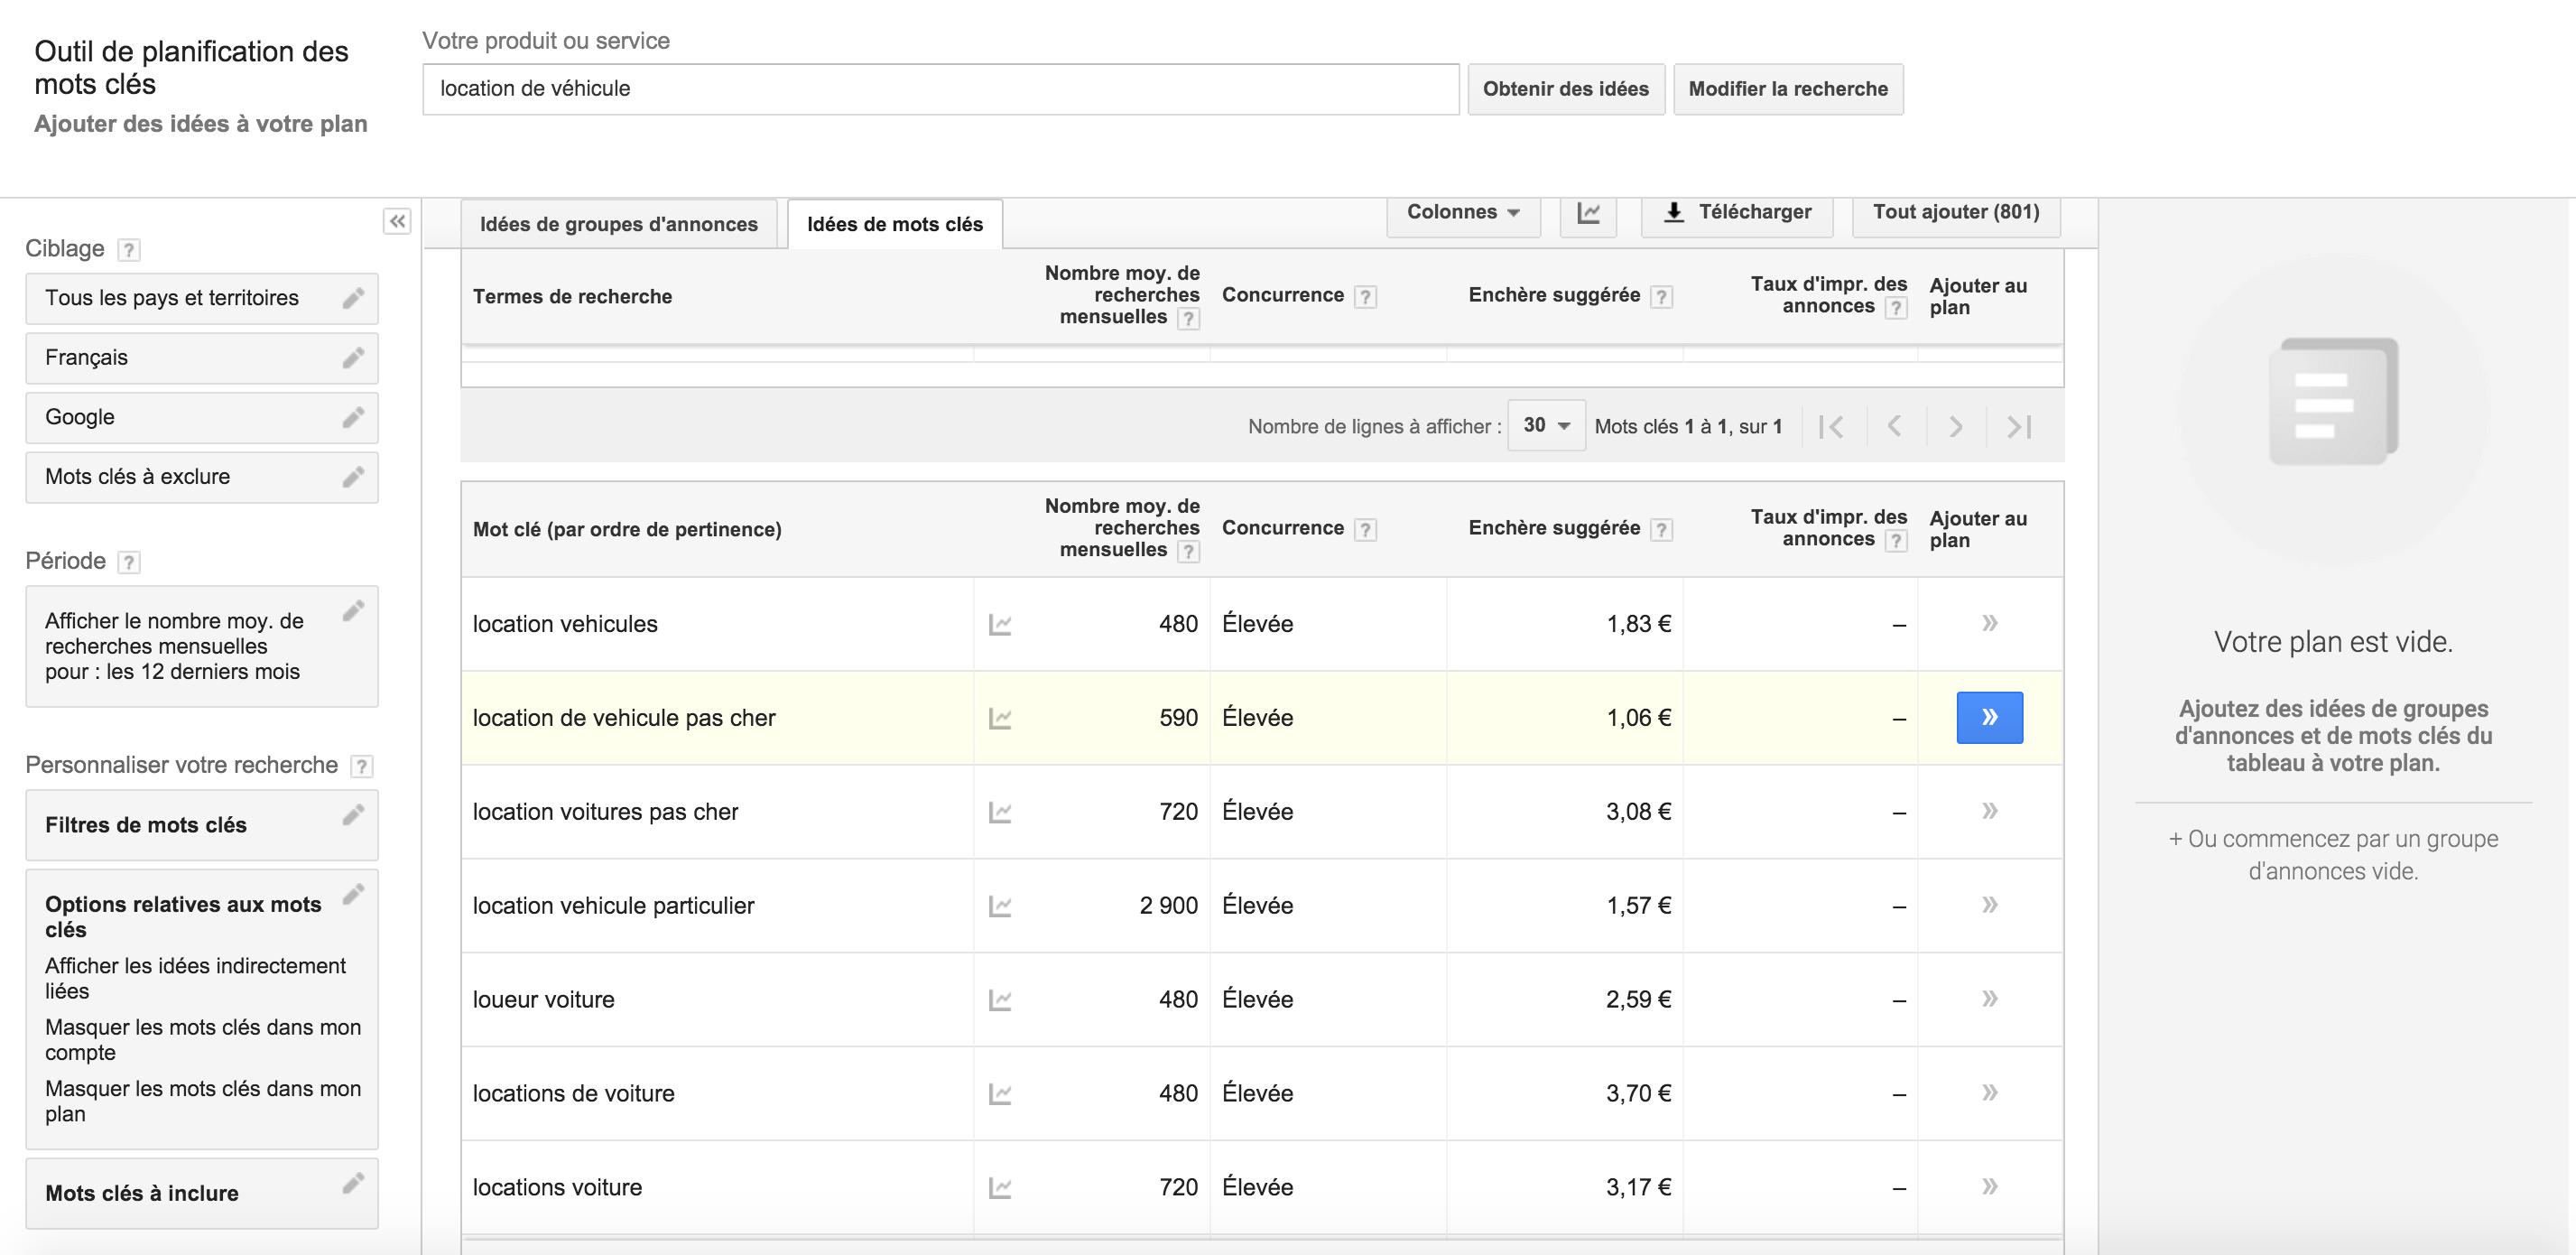 Trouver de nouveaux mots-clés avec l'outil de Google AdWords